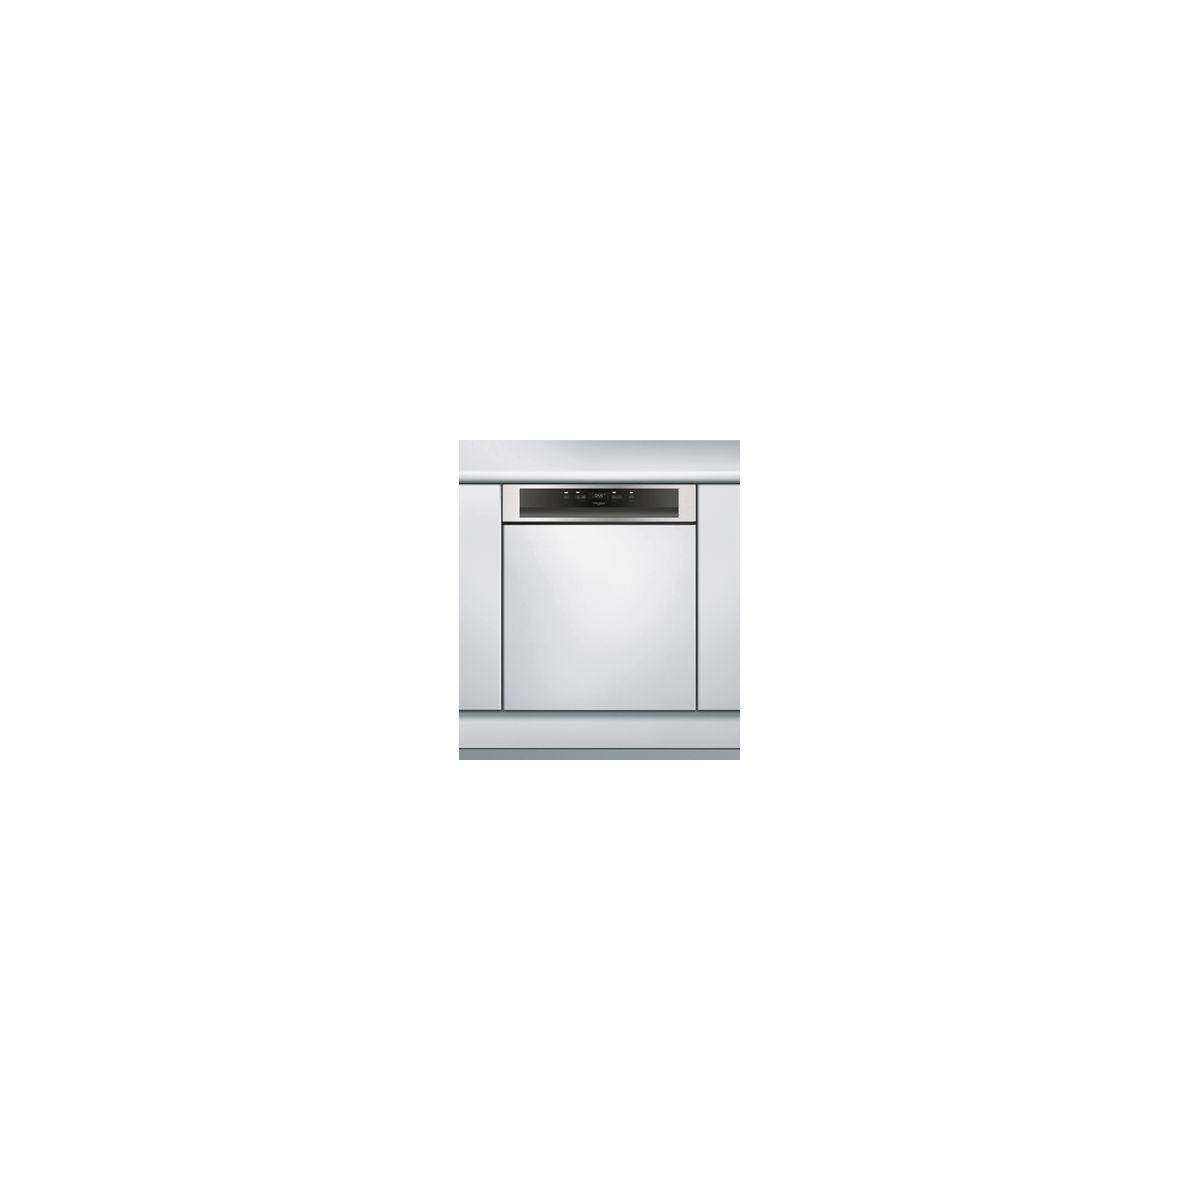 Lave vaisselle encastrable WHIRLPOOL WBO3T332PX